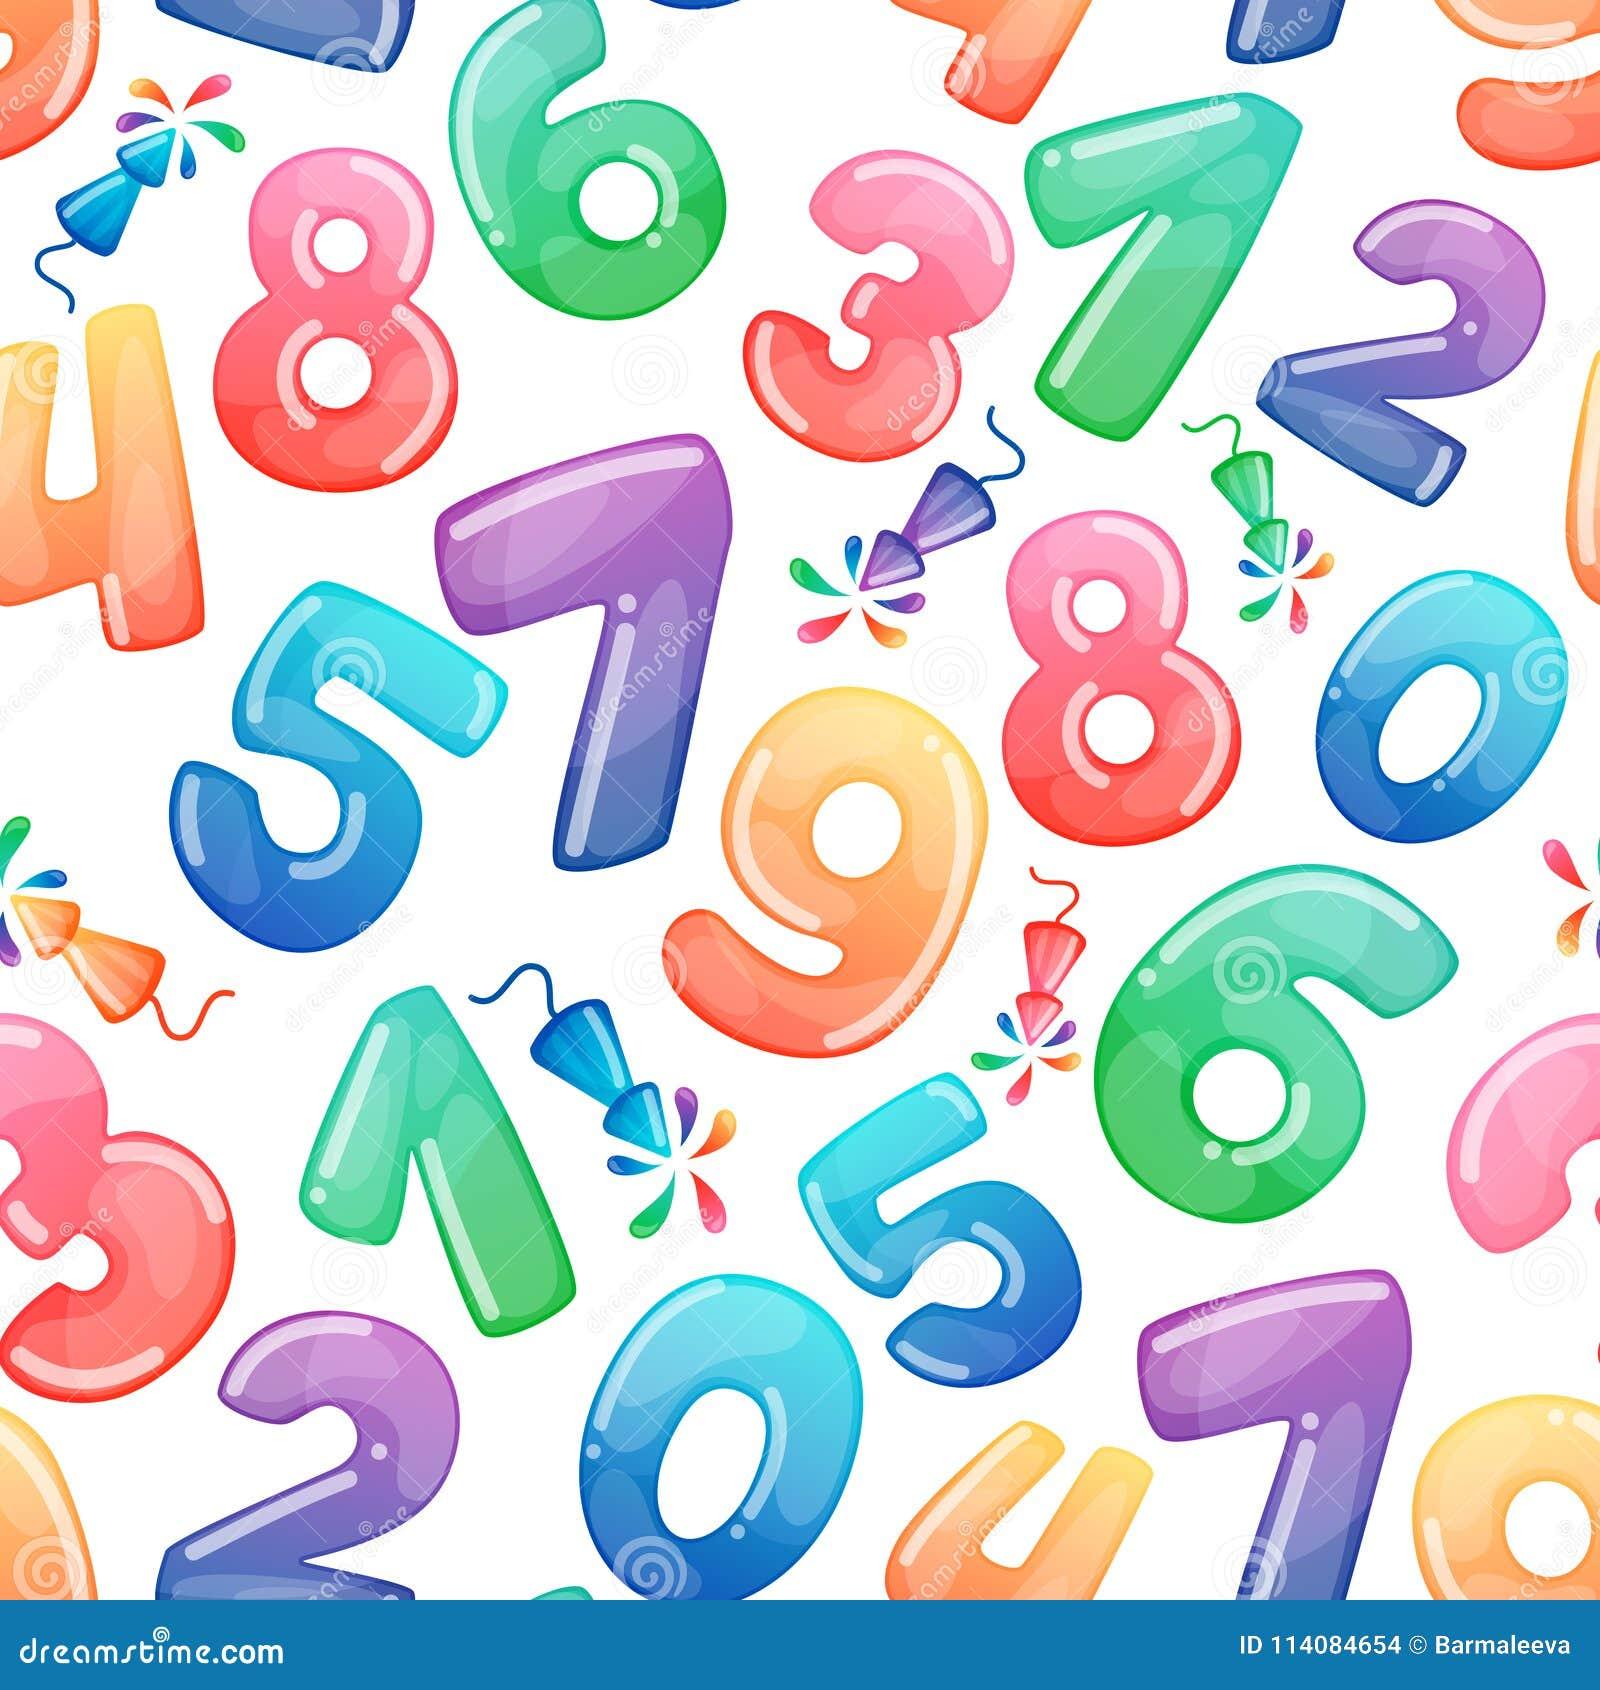 Άνευ ραφής σχέδιο με τους αριθμούς και τα πυροτεχνήματα κινούμενων σχεδίων Καραμέλα ουράνιων τόξων και στιλπνά αστεία σύμβολα κιν